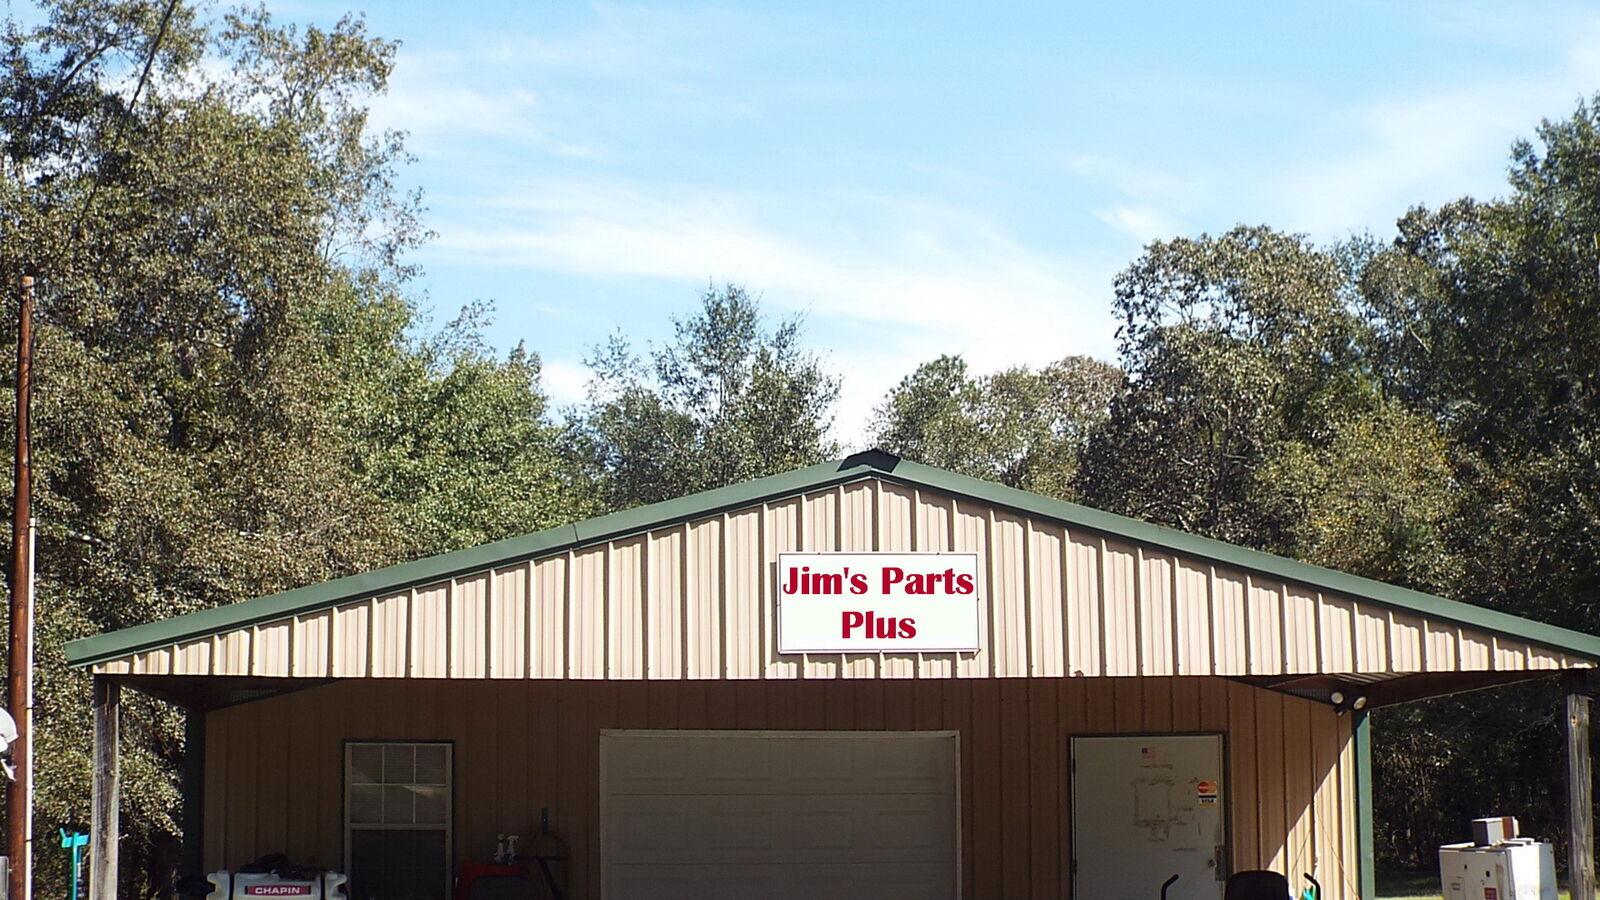 Jim's Parts Plus